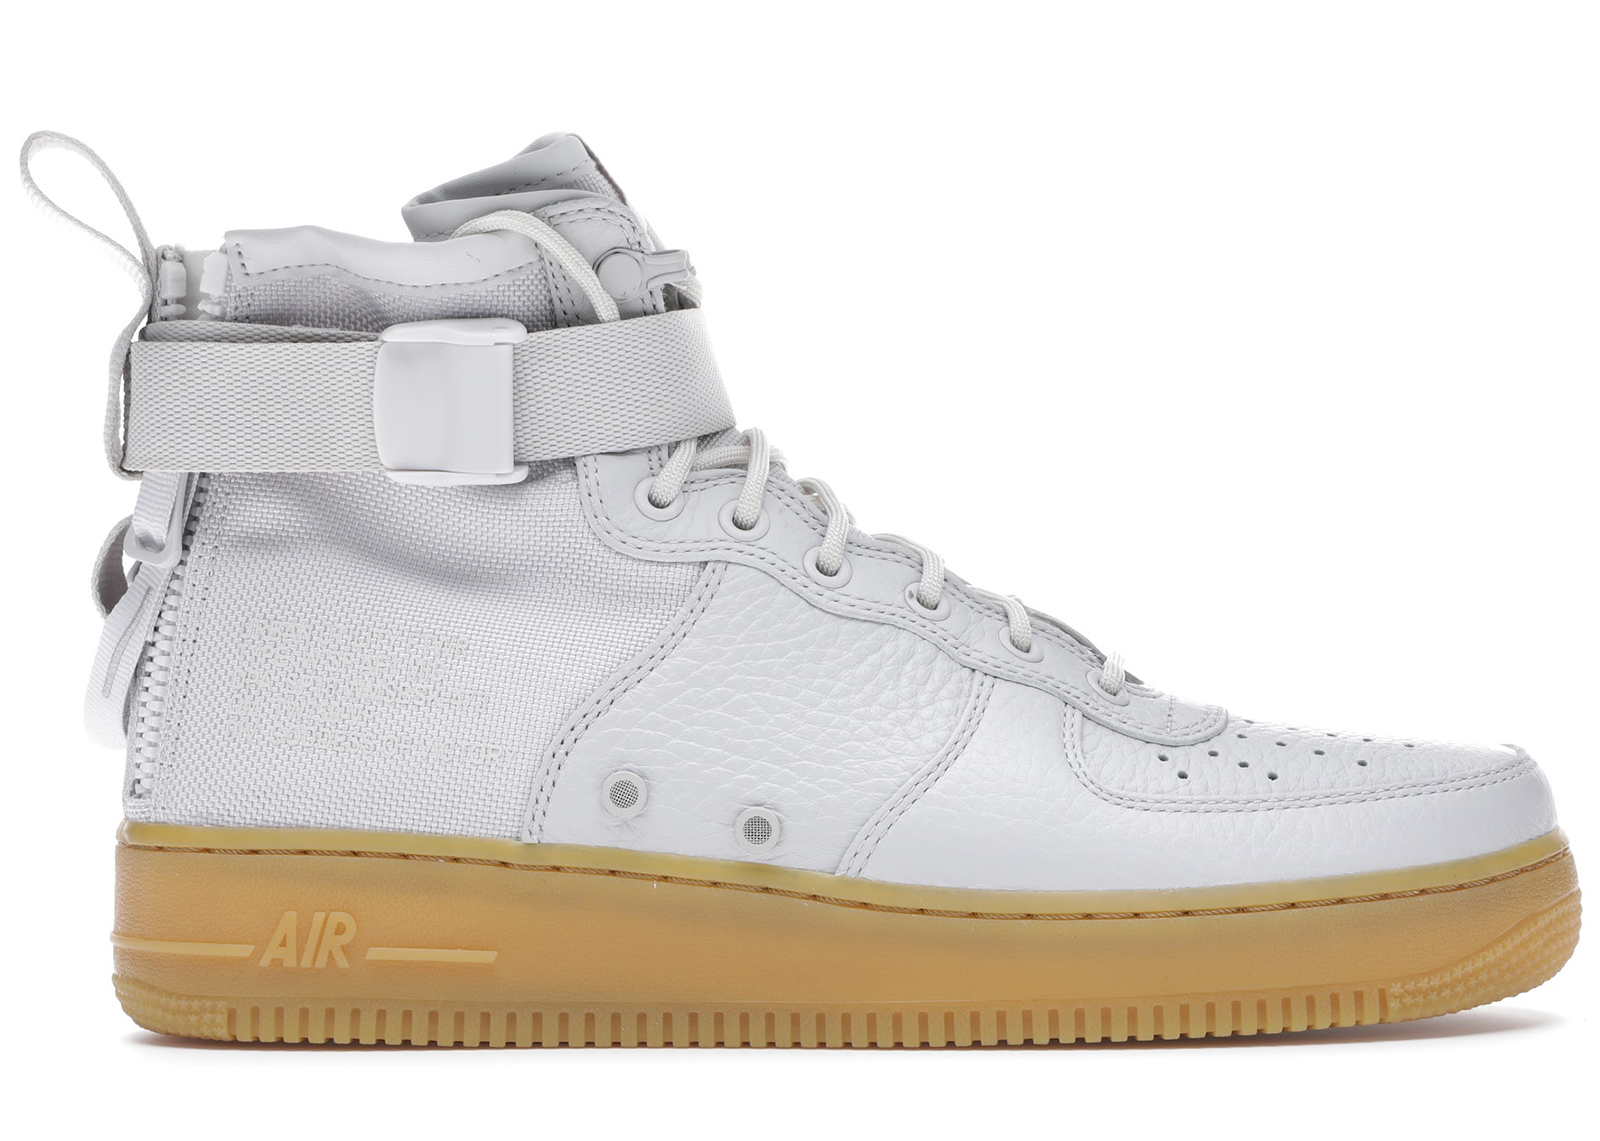 Nike SF Air Force 1 Mid Vast Grey (W